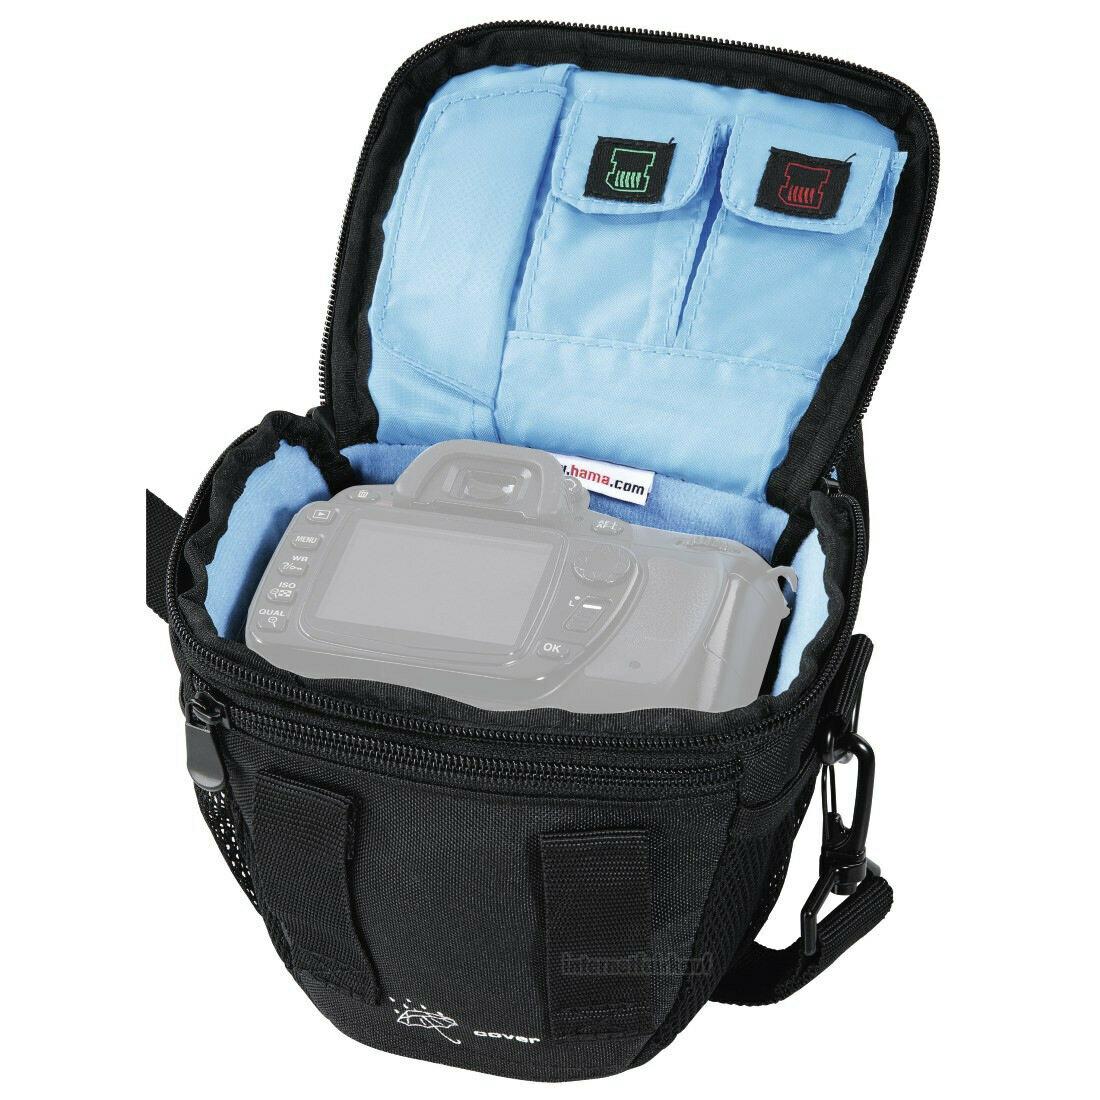 Fototasche Kameratasche von Hama passend für Panasonic Lumix FZ45 FZ48